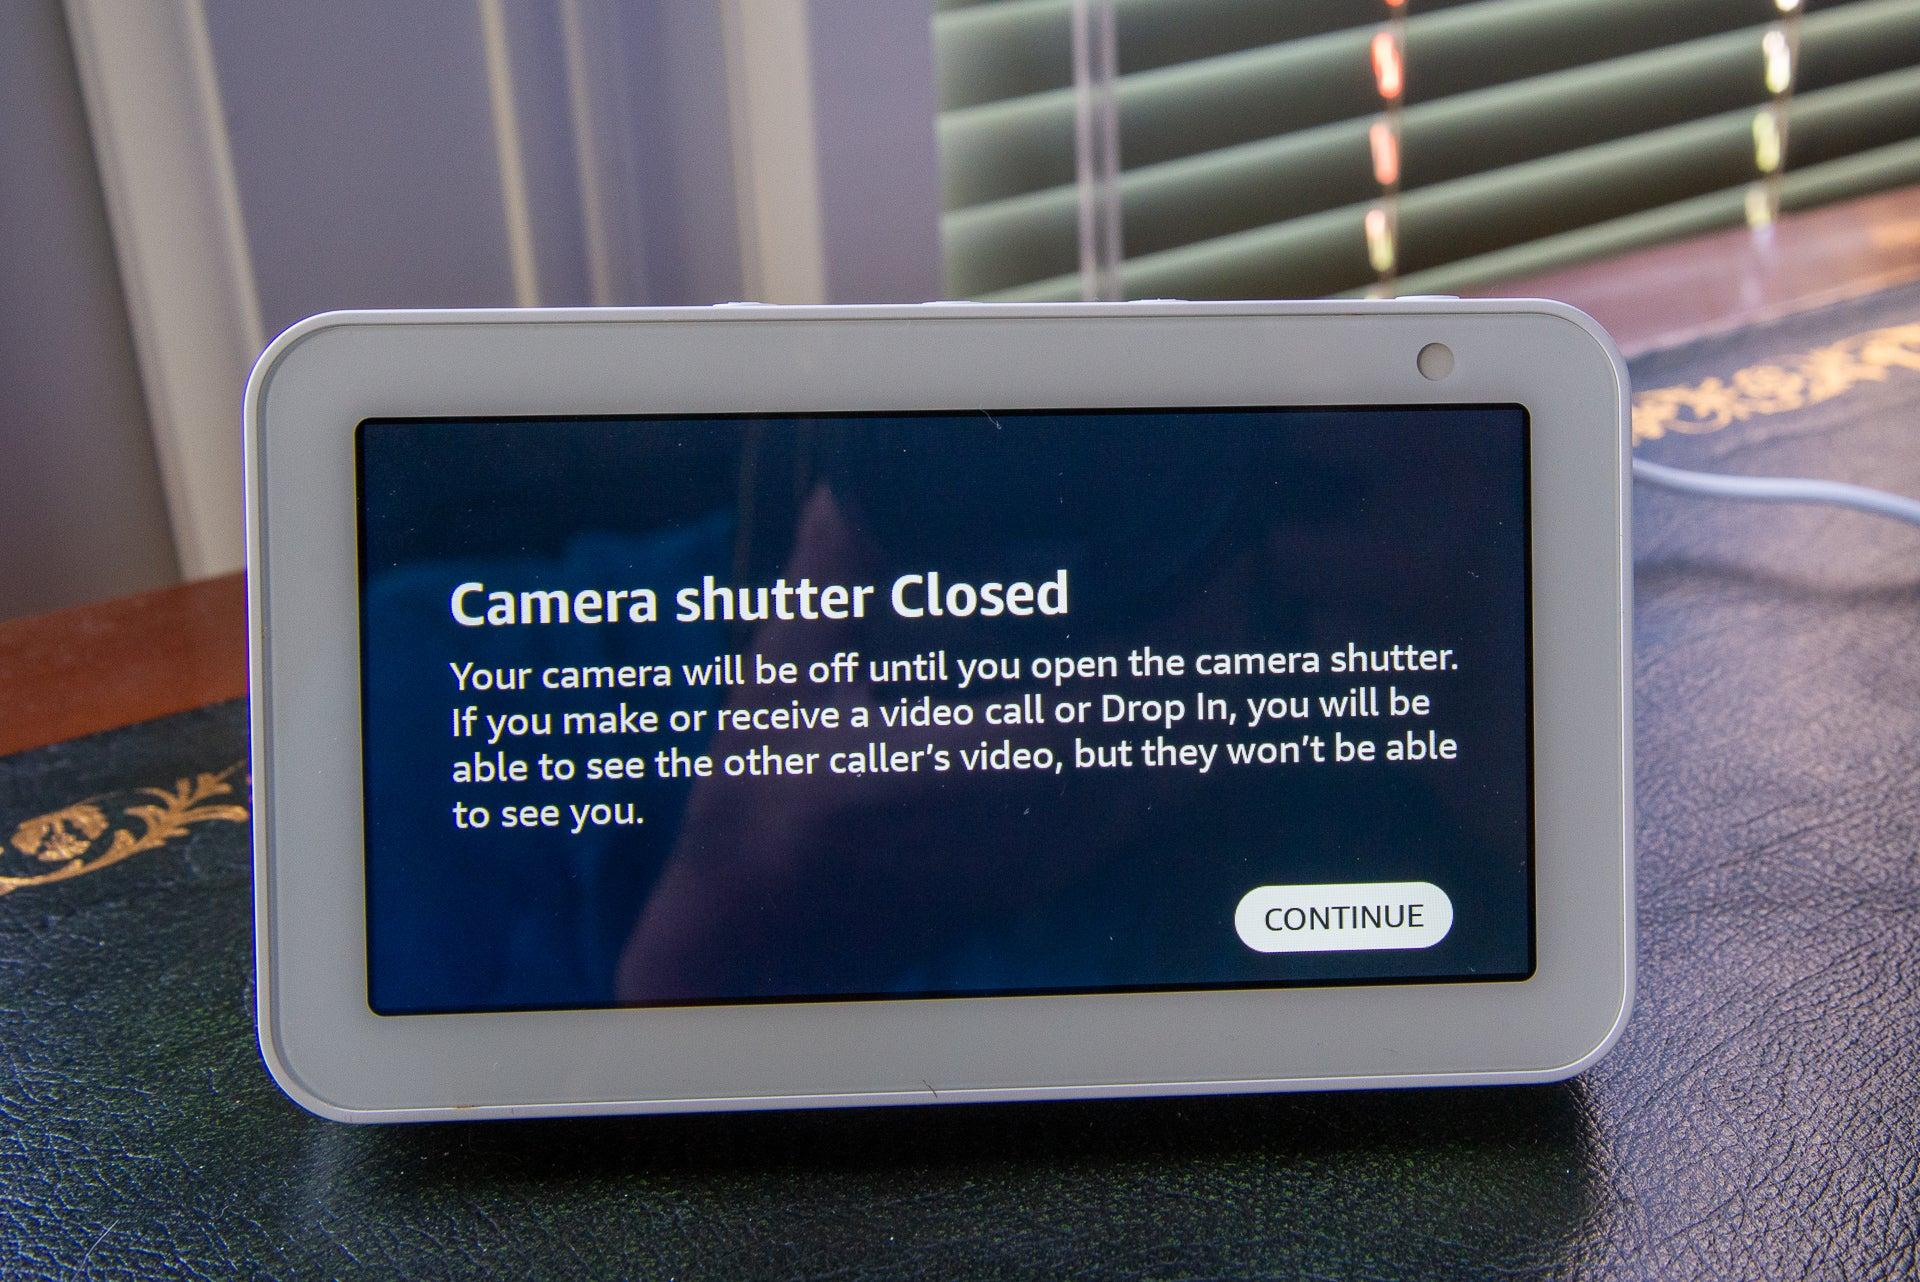 Amazon Echo Show 5 Camera shutter